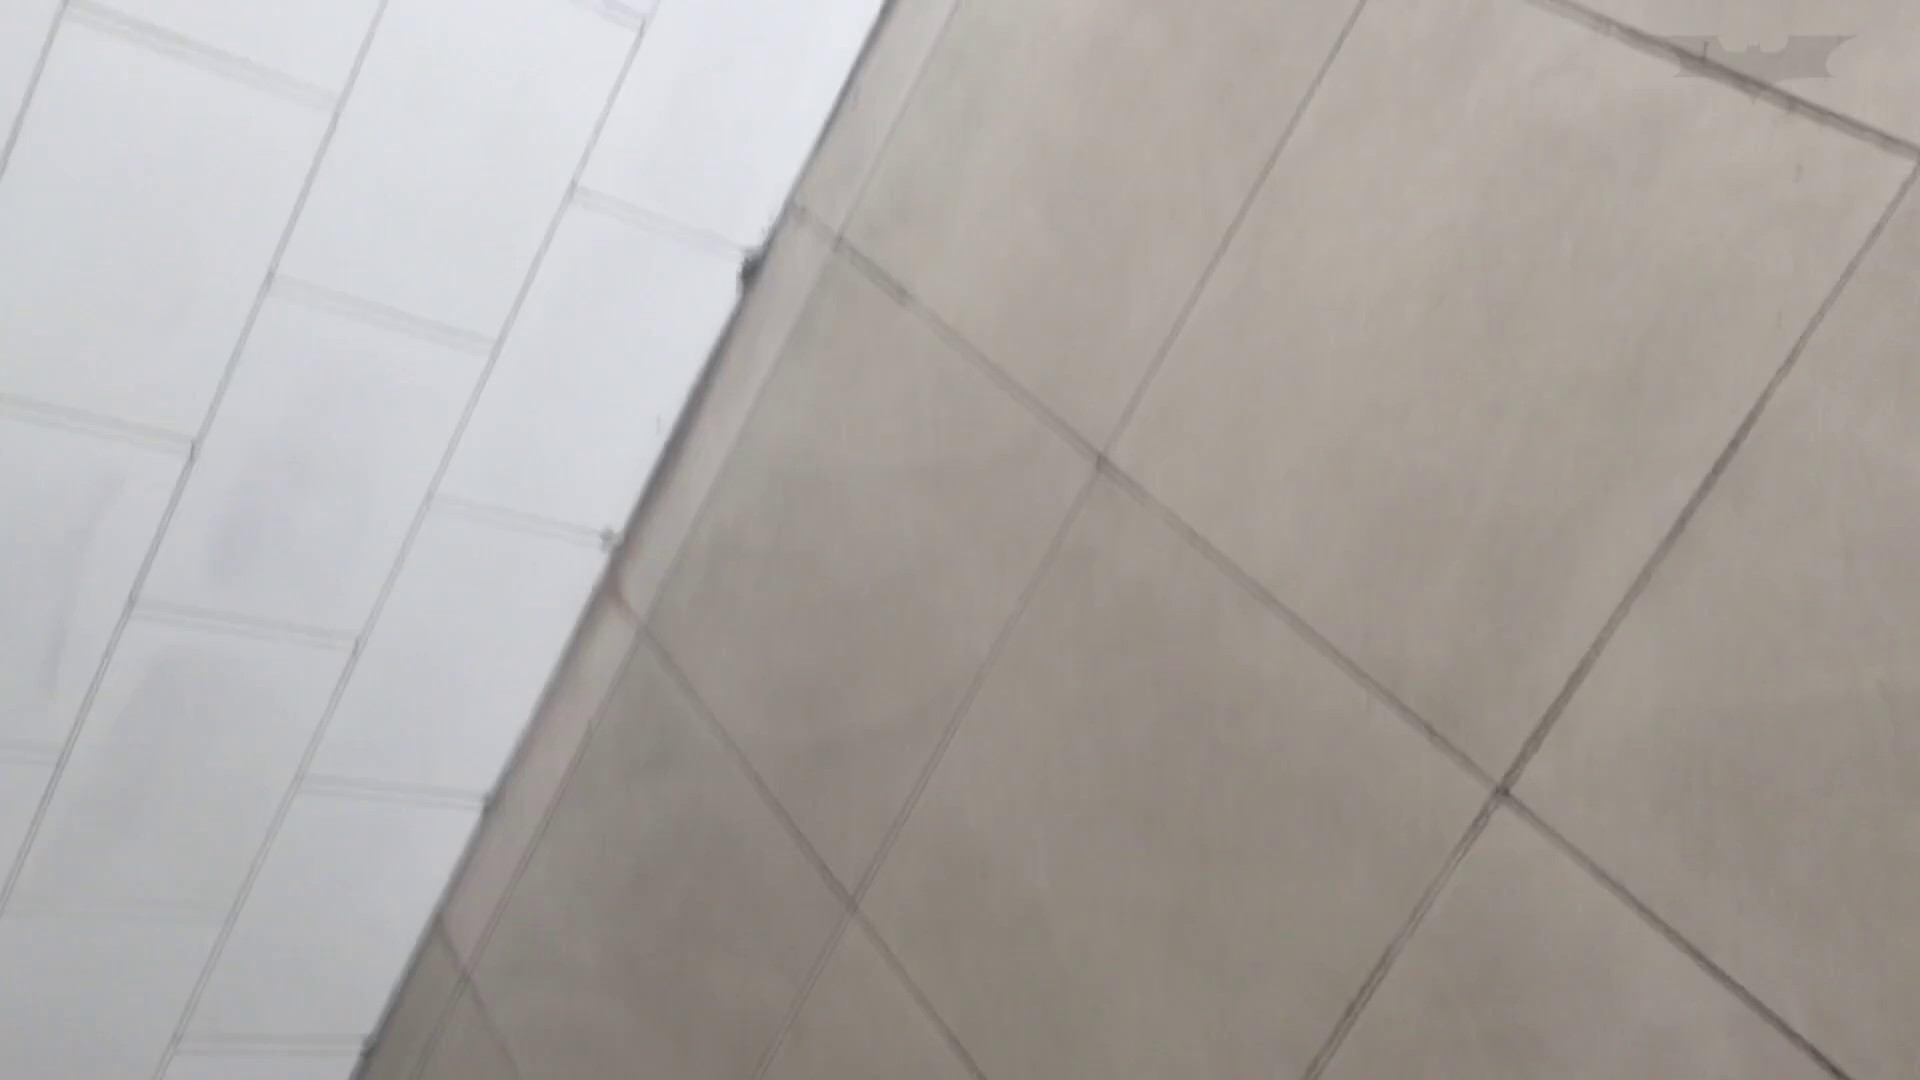 芸術大学ガチ潜入盗撮 JD盗撮 美女の洗面所の秘密 Vol.91 盗撮 | 高画質  97画像 71